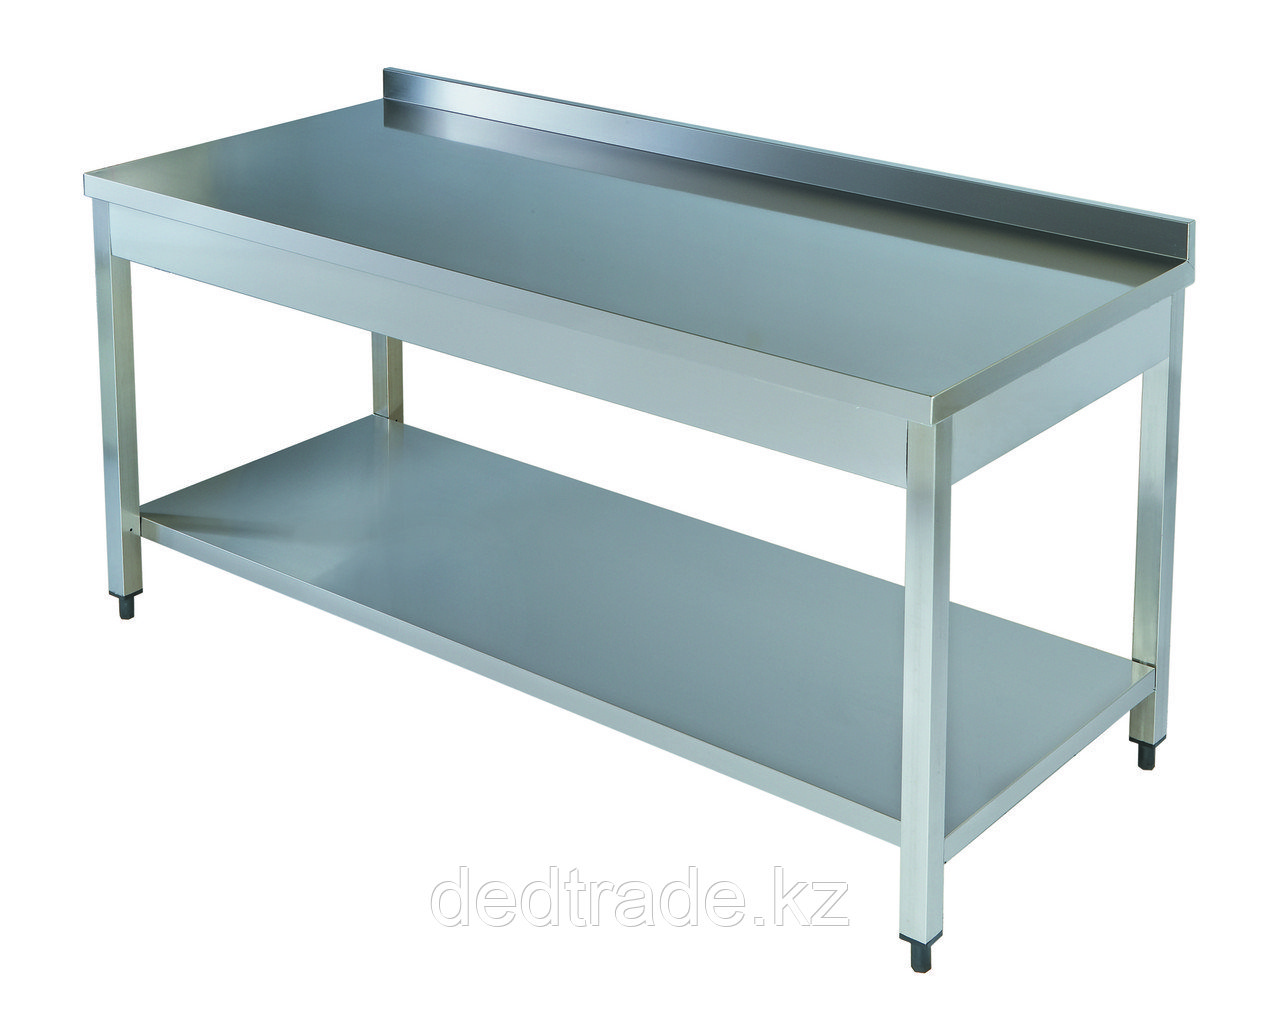 Рабочий стол с полкой нержавеющая сталь Размеры 1000*700*850 мм